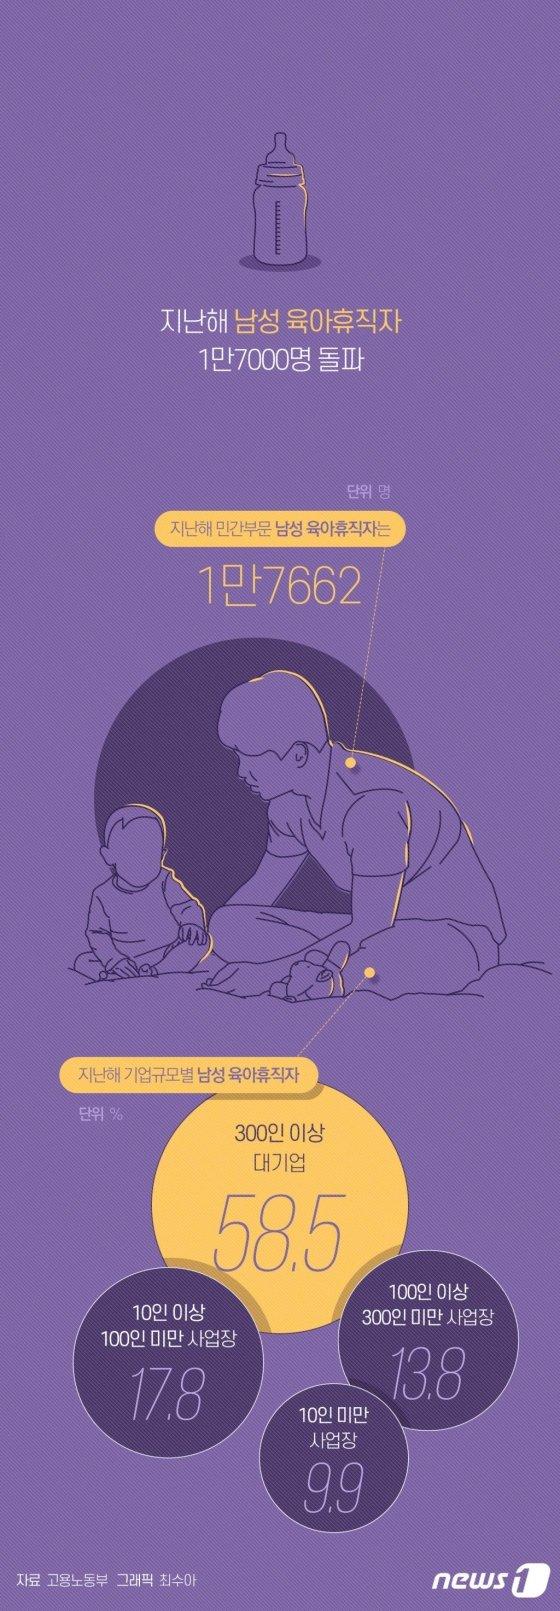 (서울=뉴스1) 최수아 디자이너 =   <저작권자 © 뉴스1코리아, 무단전재 및 재배포 금지>